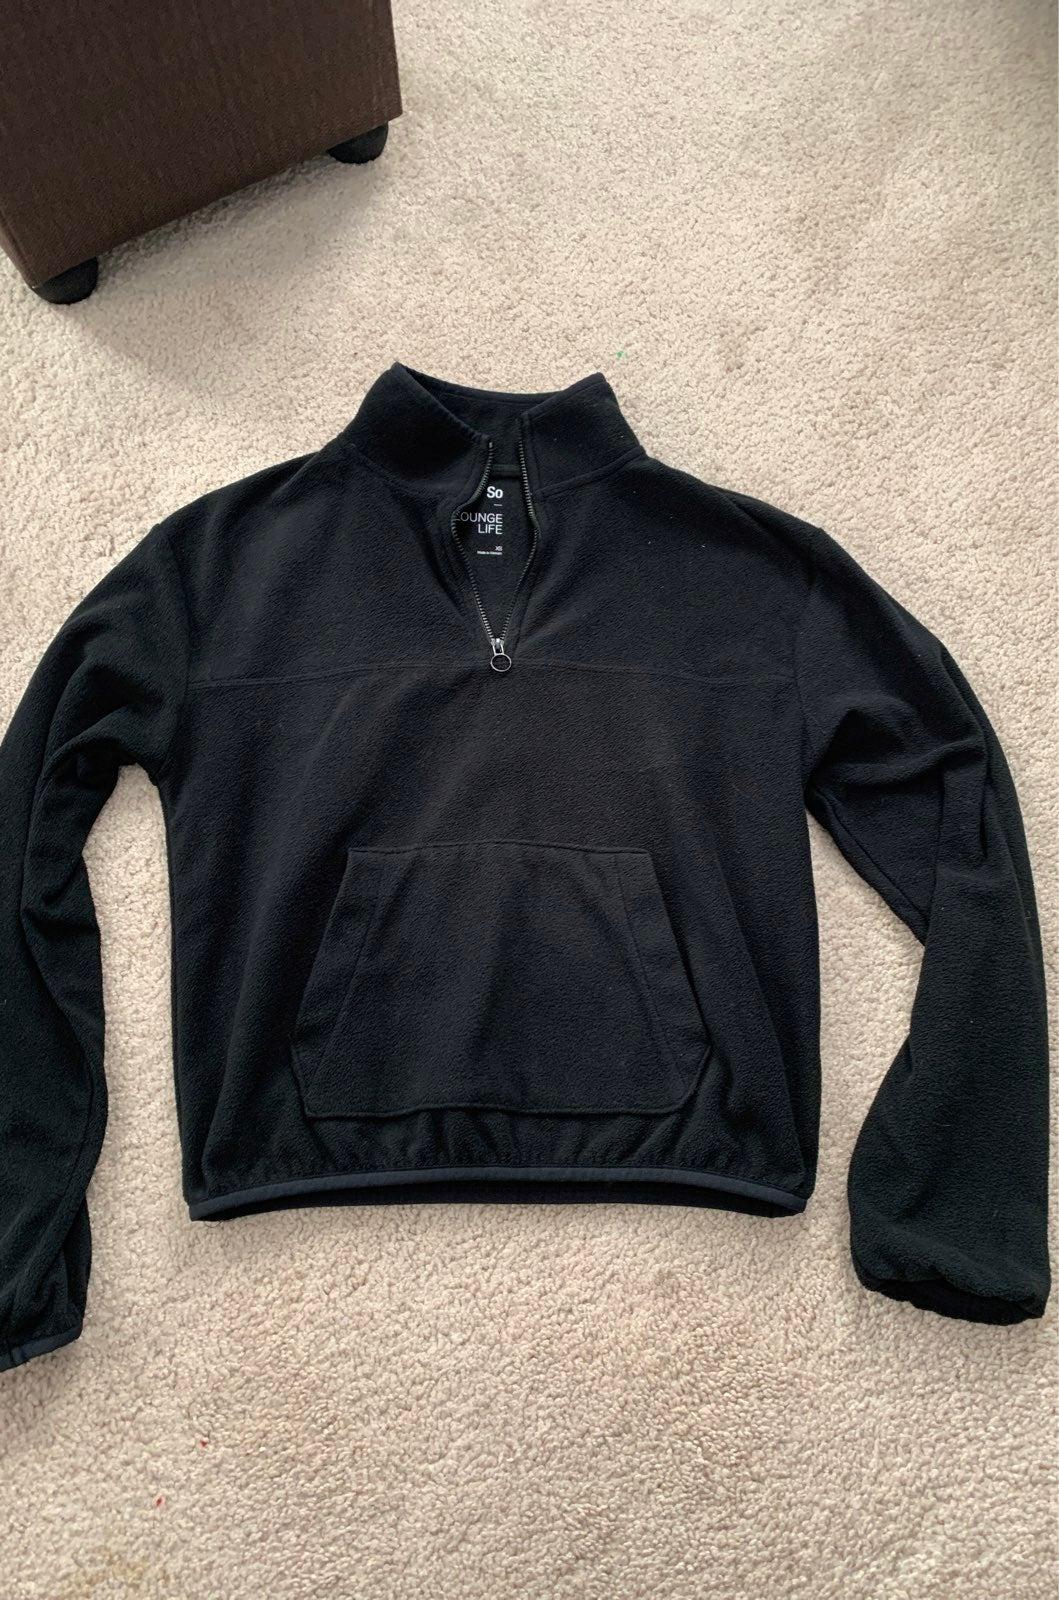 Quarter zip fleece sweater